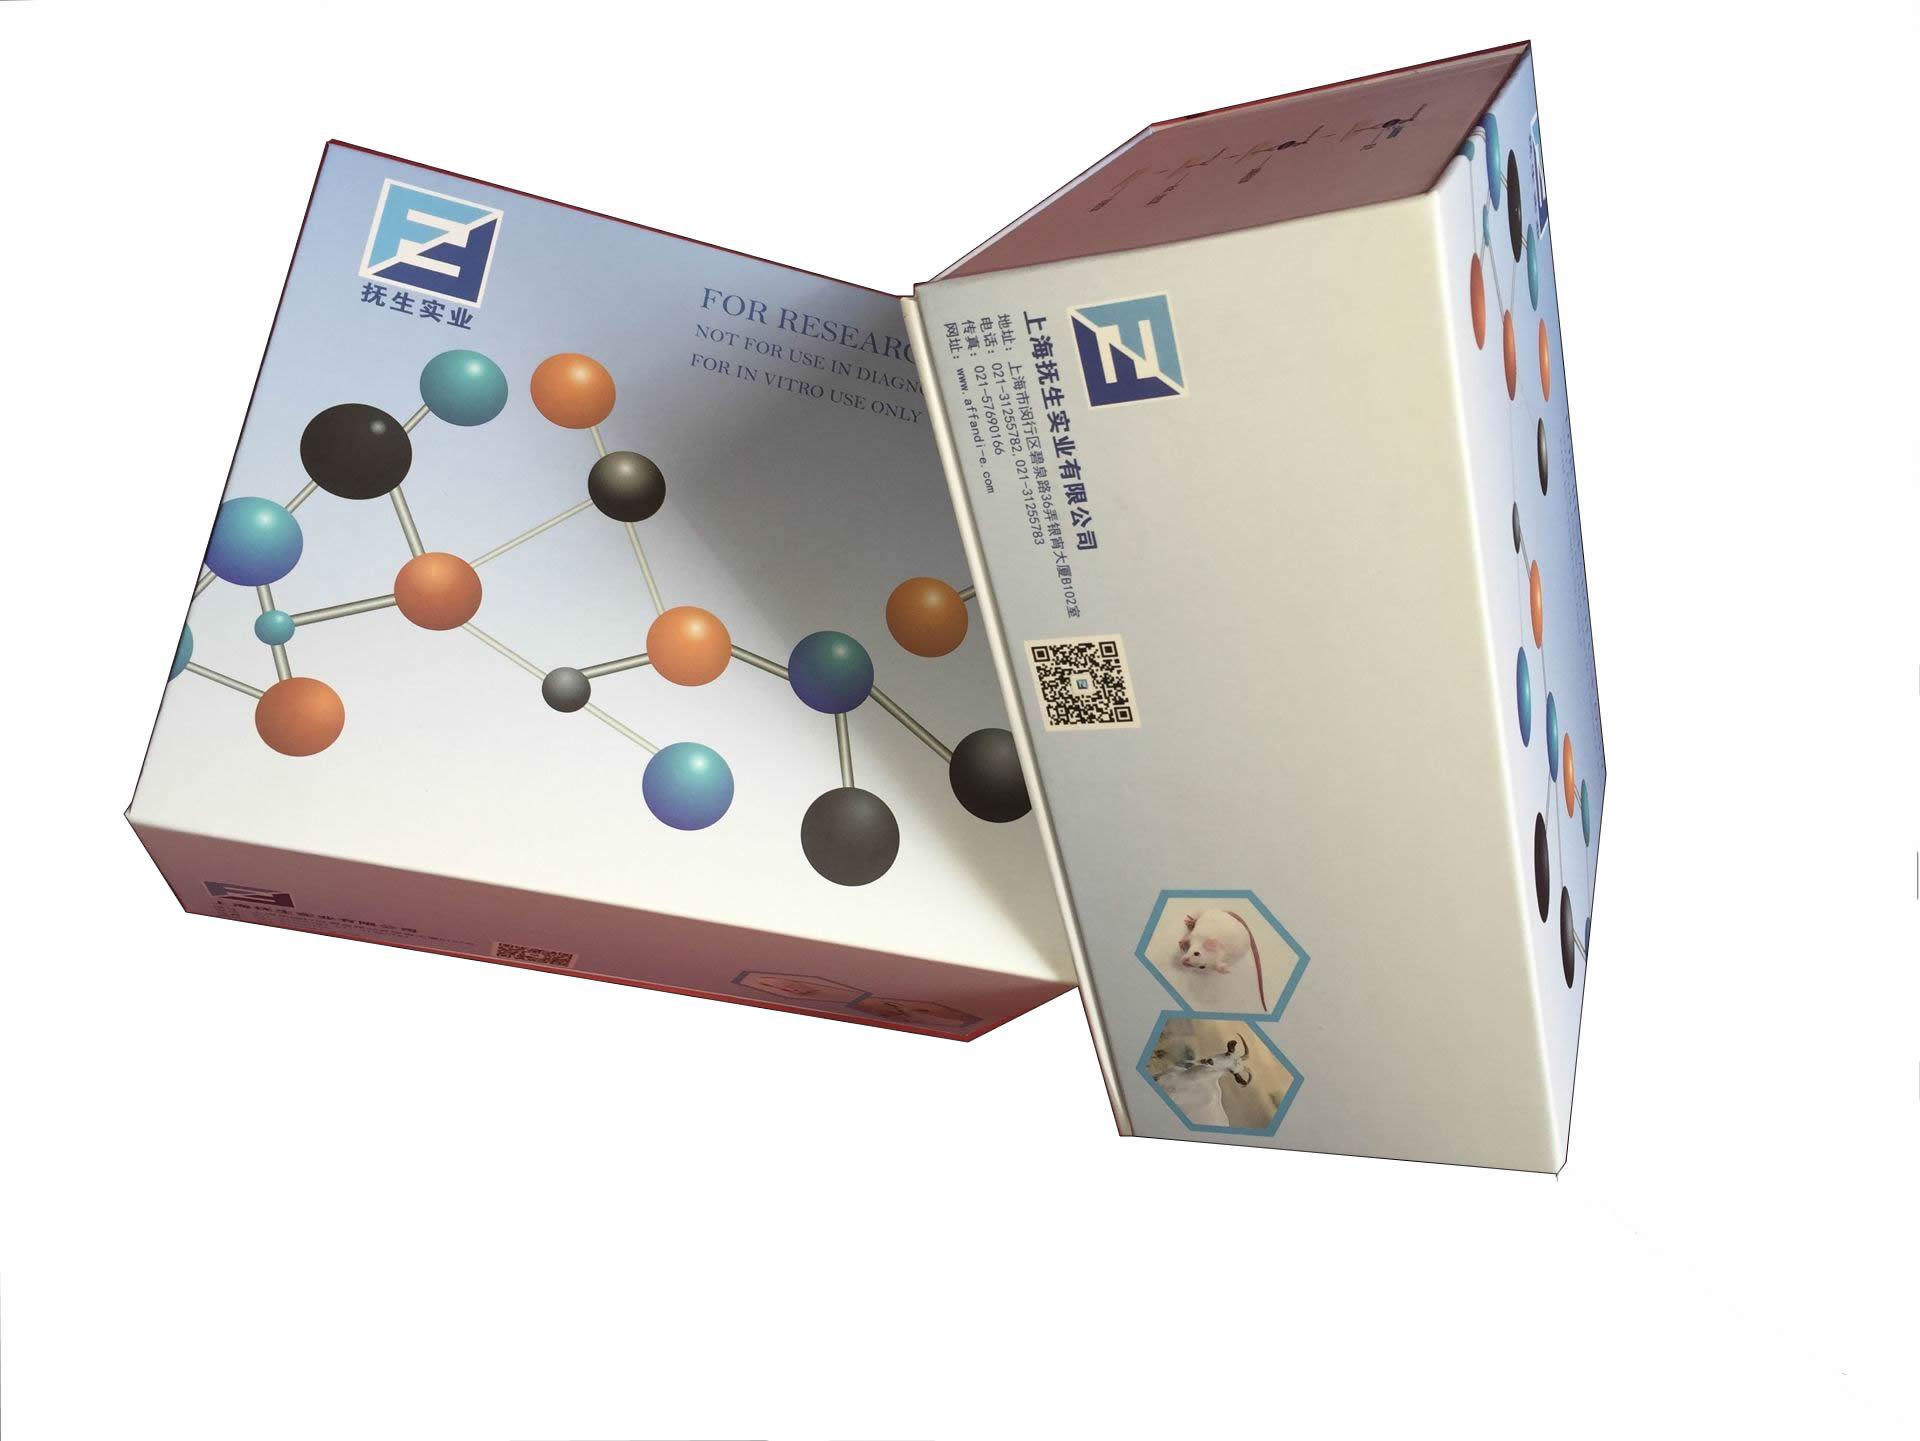 磷酸三酯酶检测试剂盒